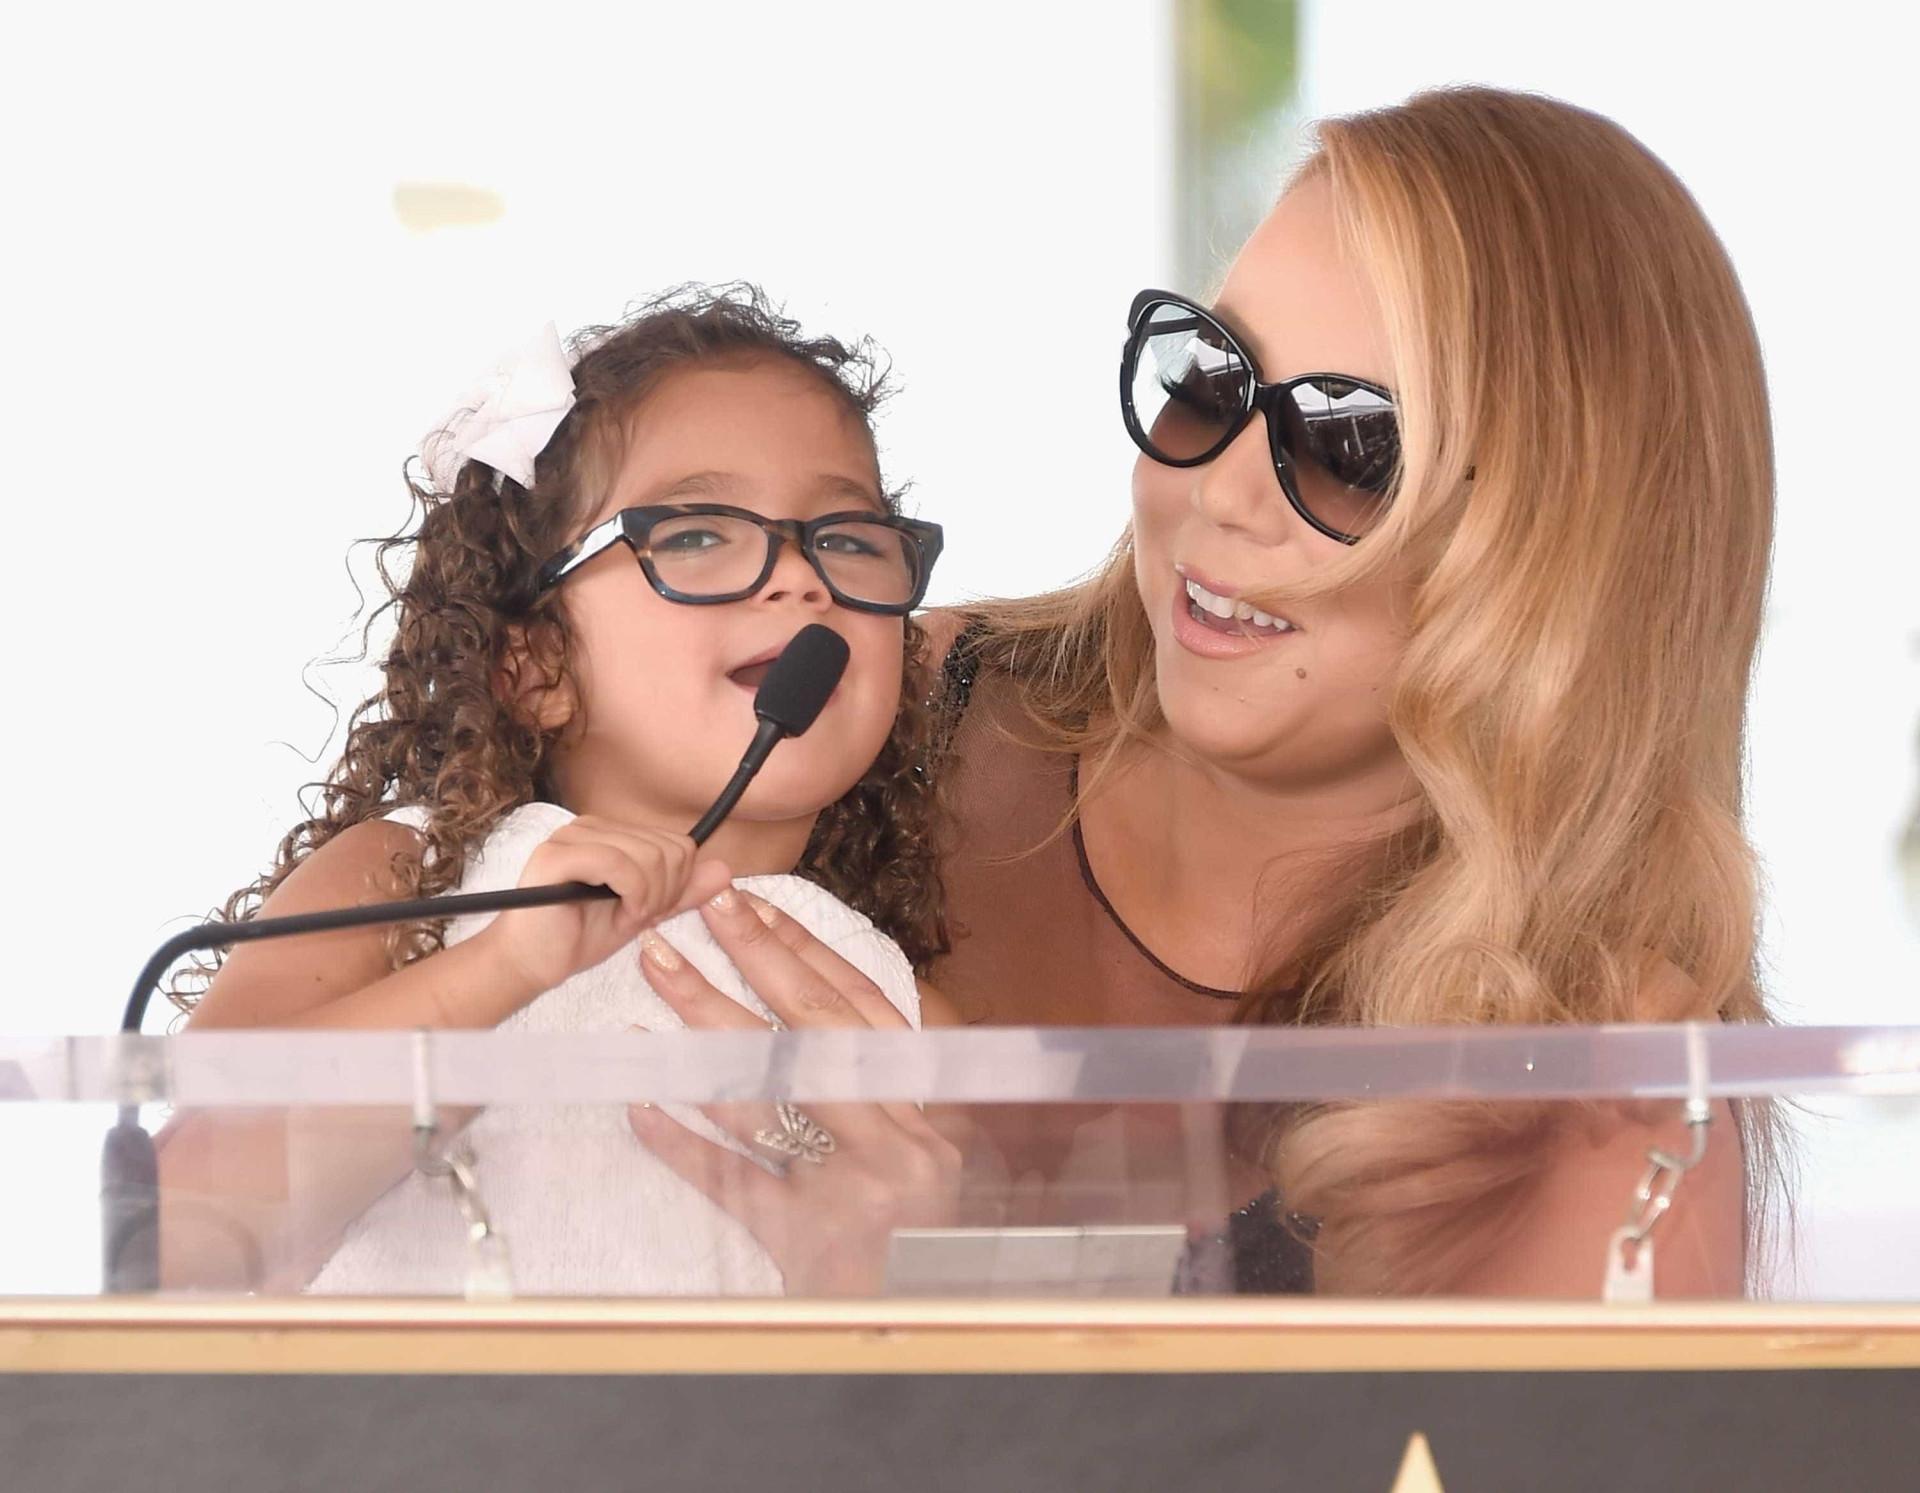 Descubra o significado do nome dos filhos das celebridades